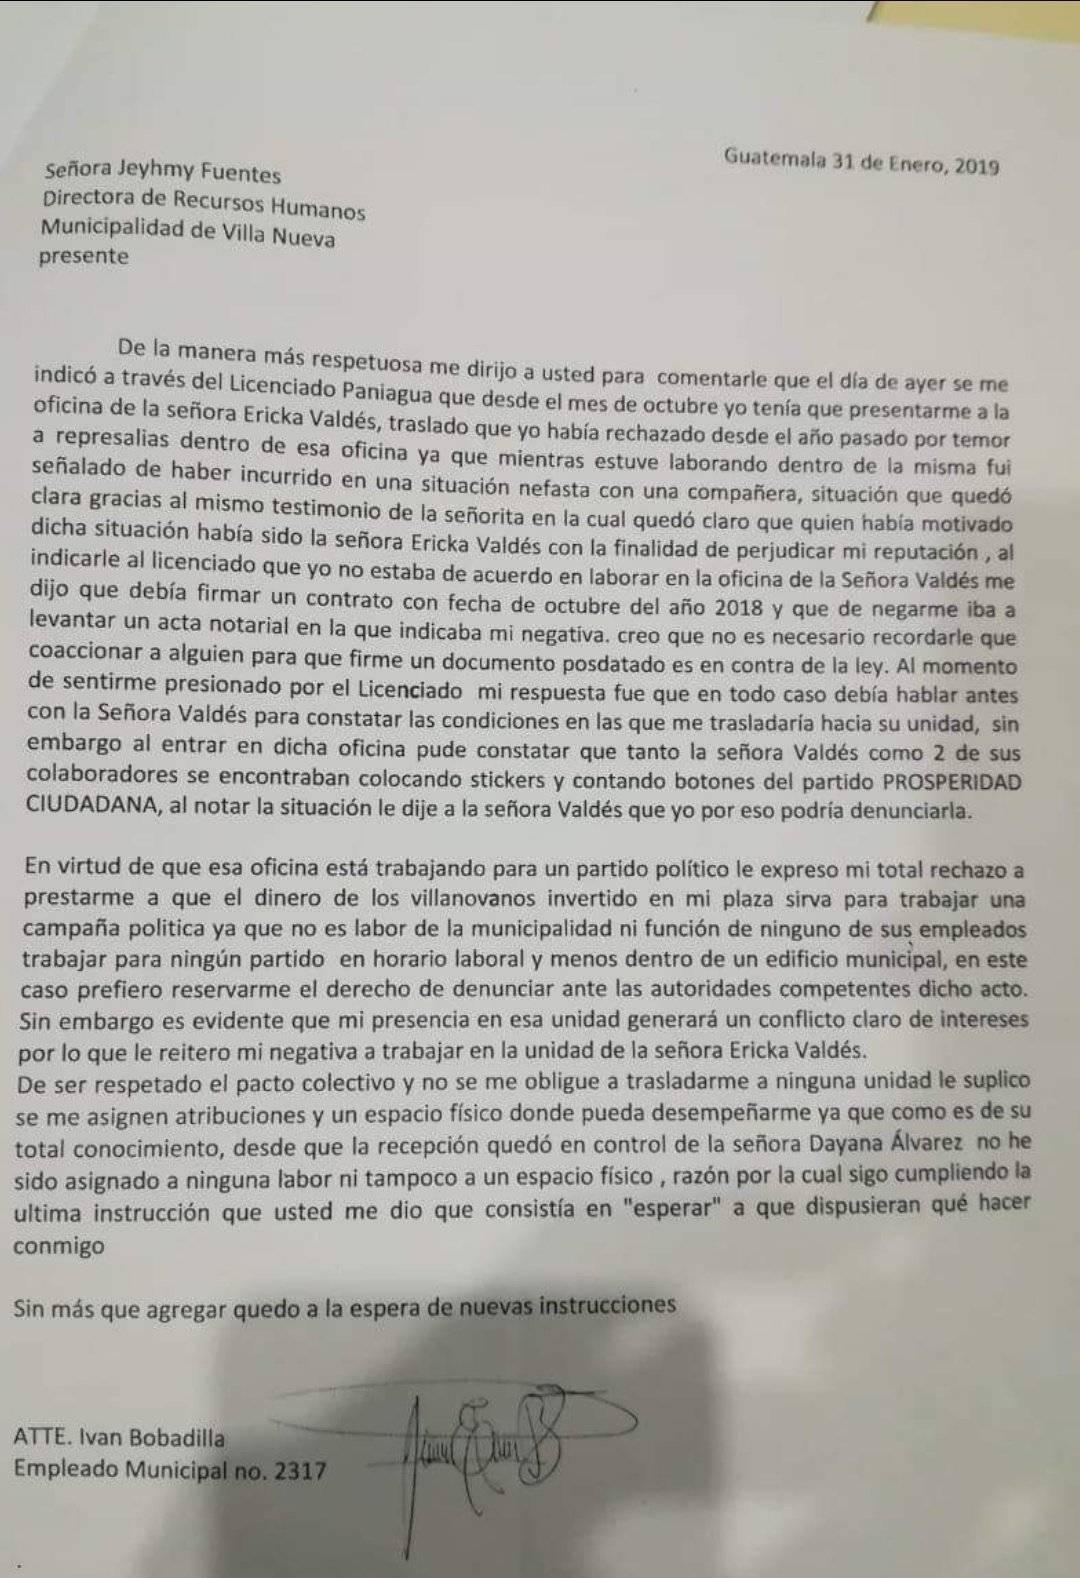 Carta que Iván Bobadilla envió a Recursos Humanos cuando era empleado. Foto: Iván Bobadilla